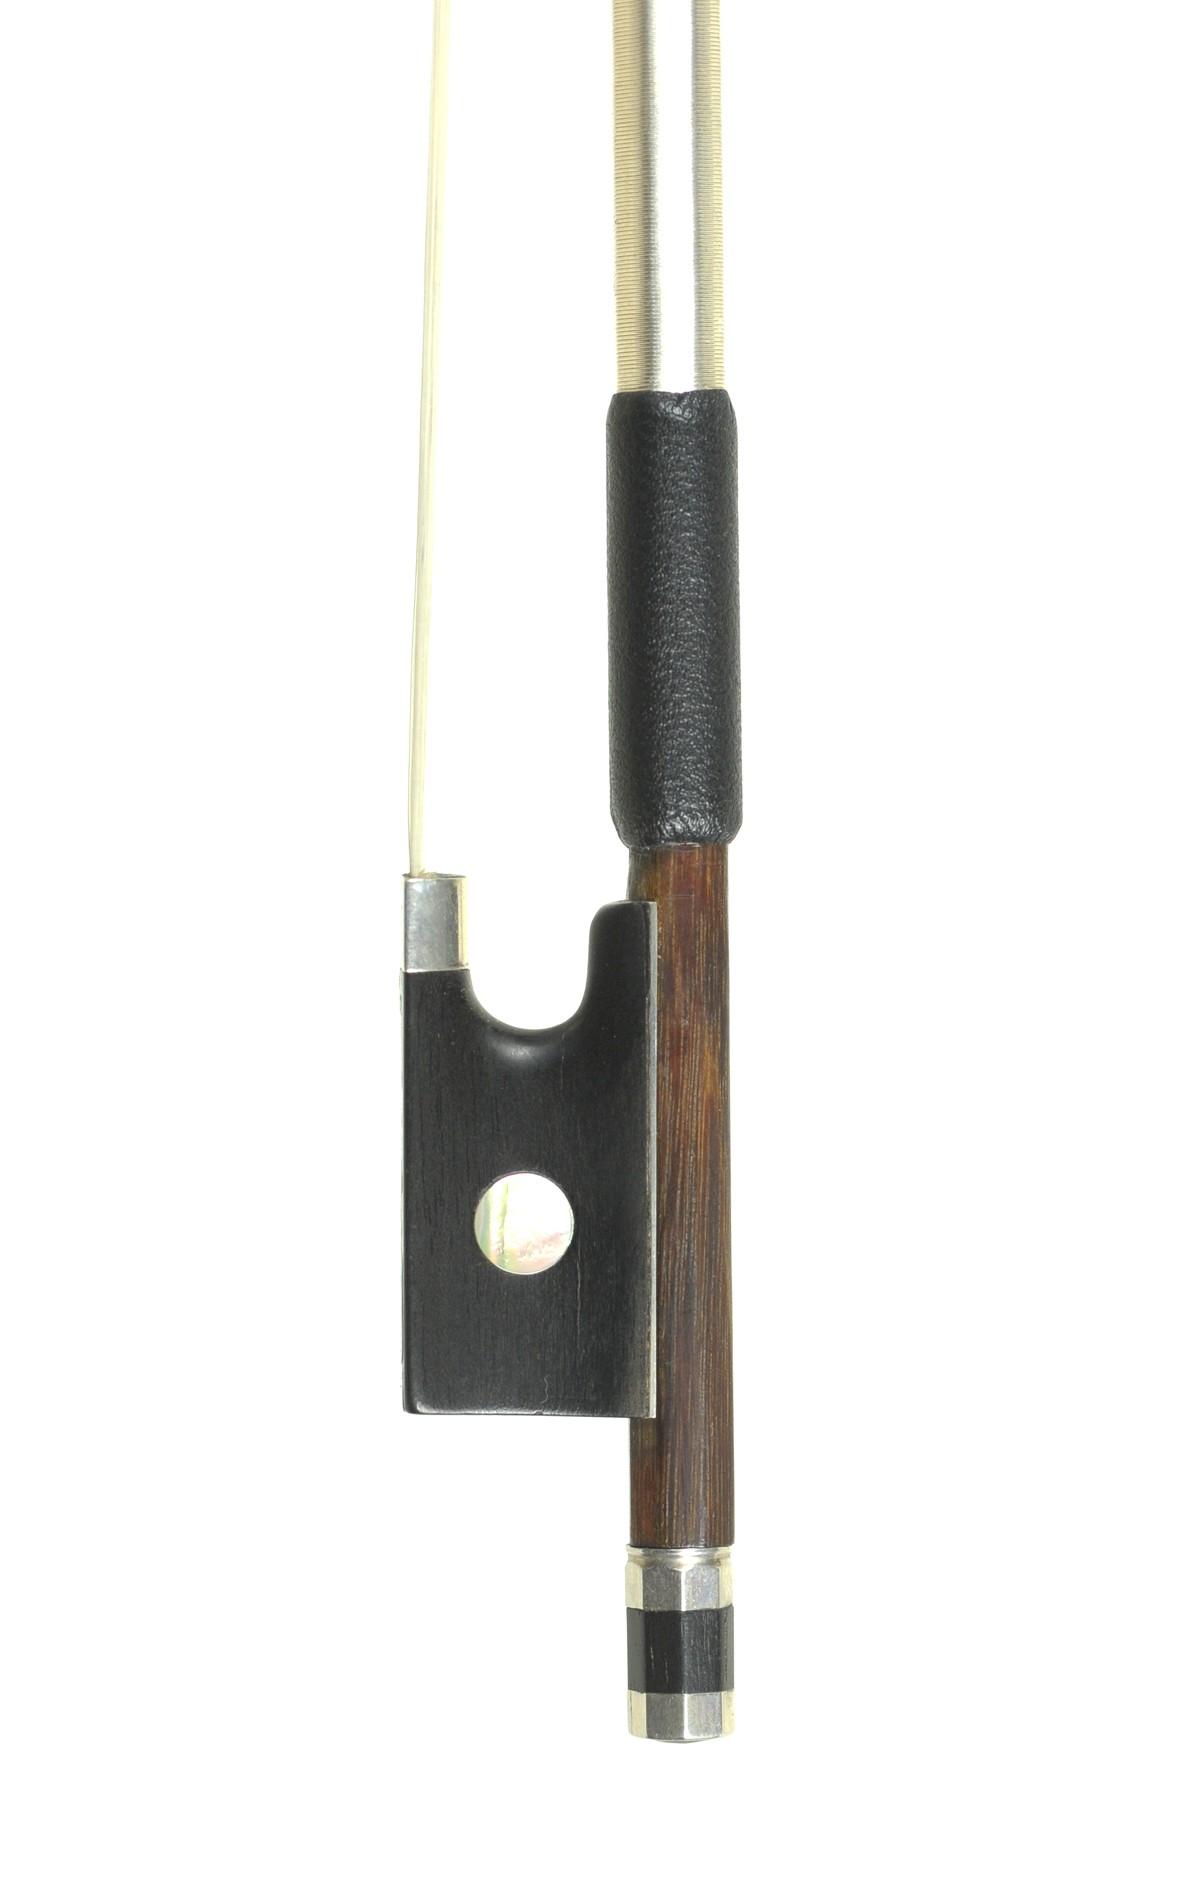 Fine Markneukirchen violin bow, Knopf workshop, c.1880